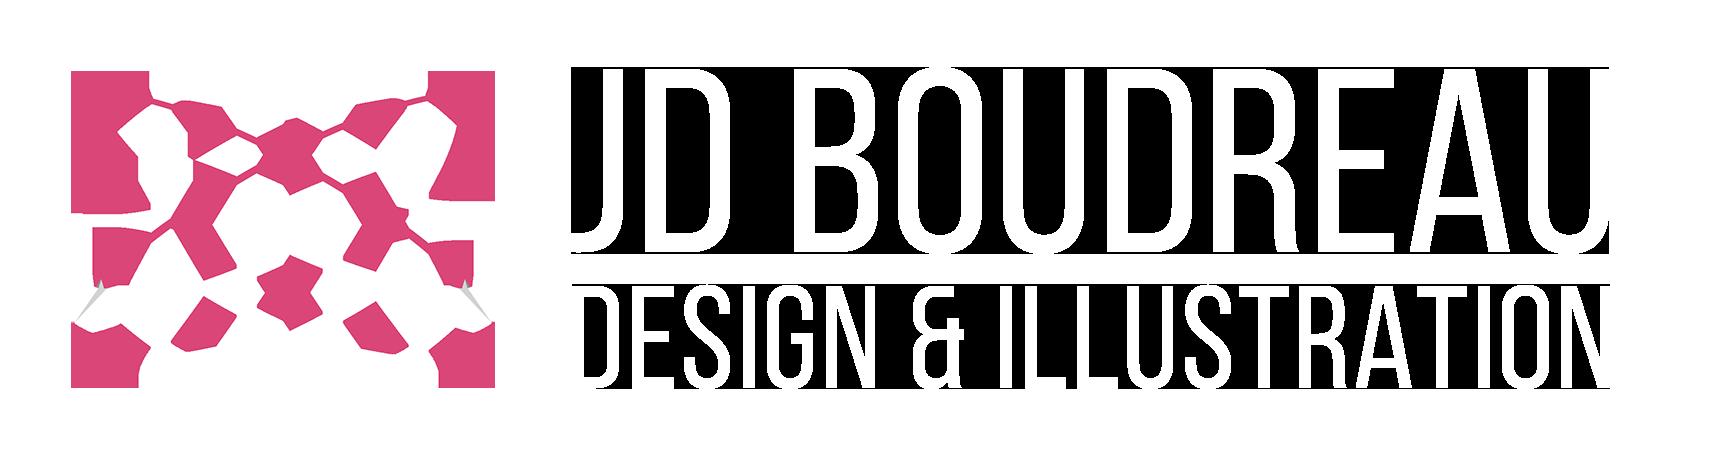 J.D. Boudreau